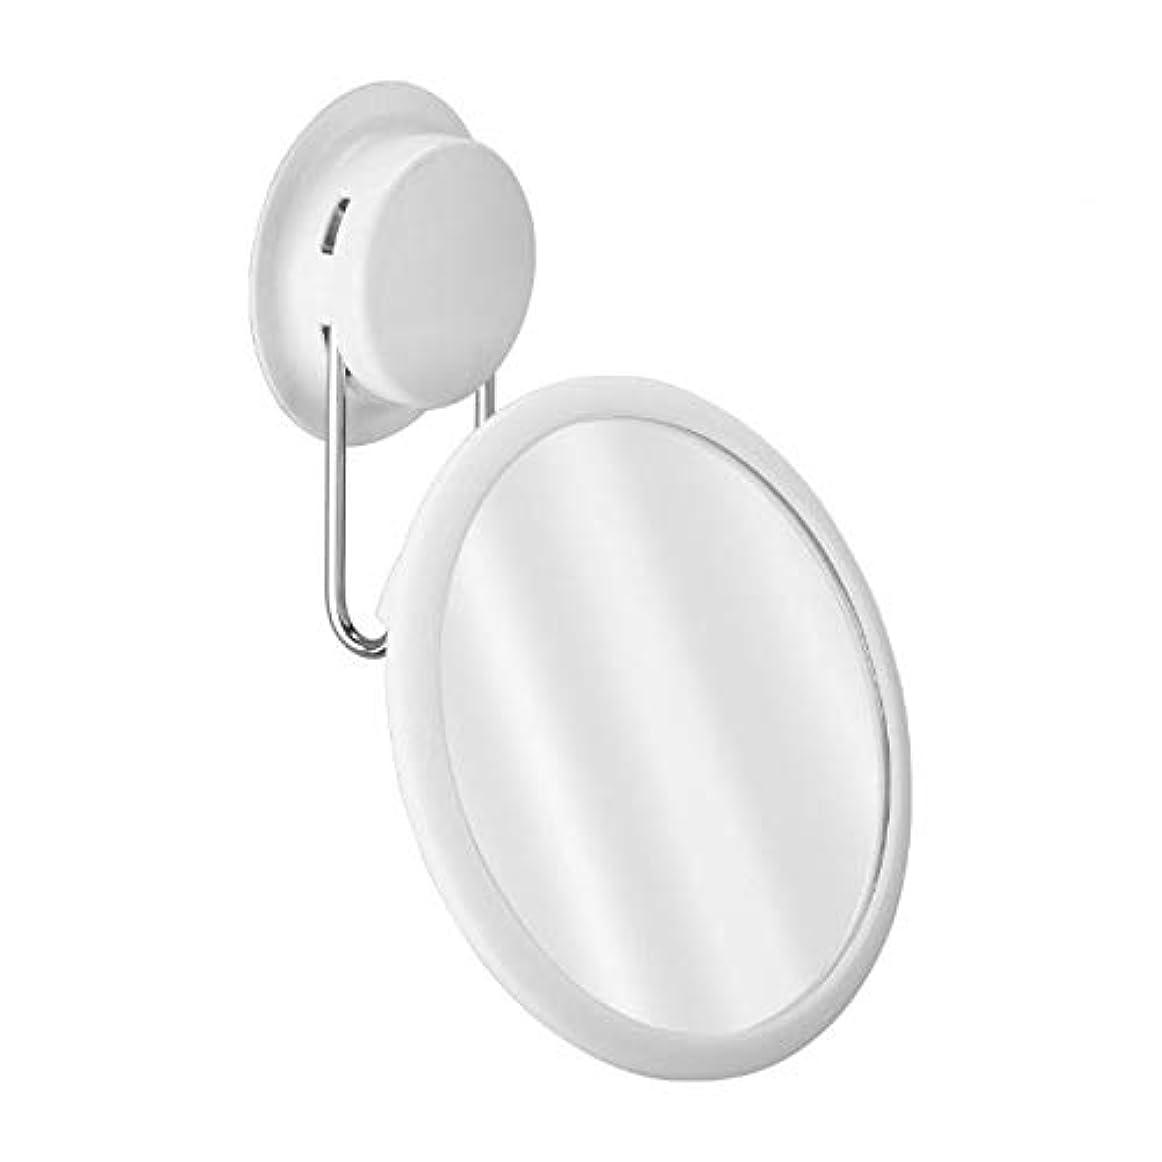 広告主ディレクトリブラケット化粧鏡、強力な吸盤ラック無料パンチ浴室洗面化粧台ミラー化粧ギフト